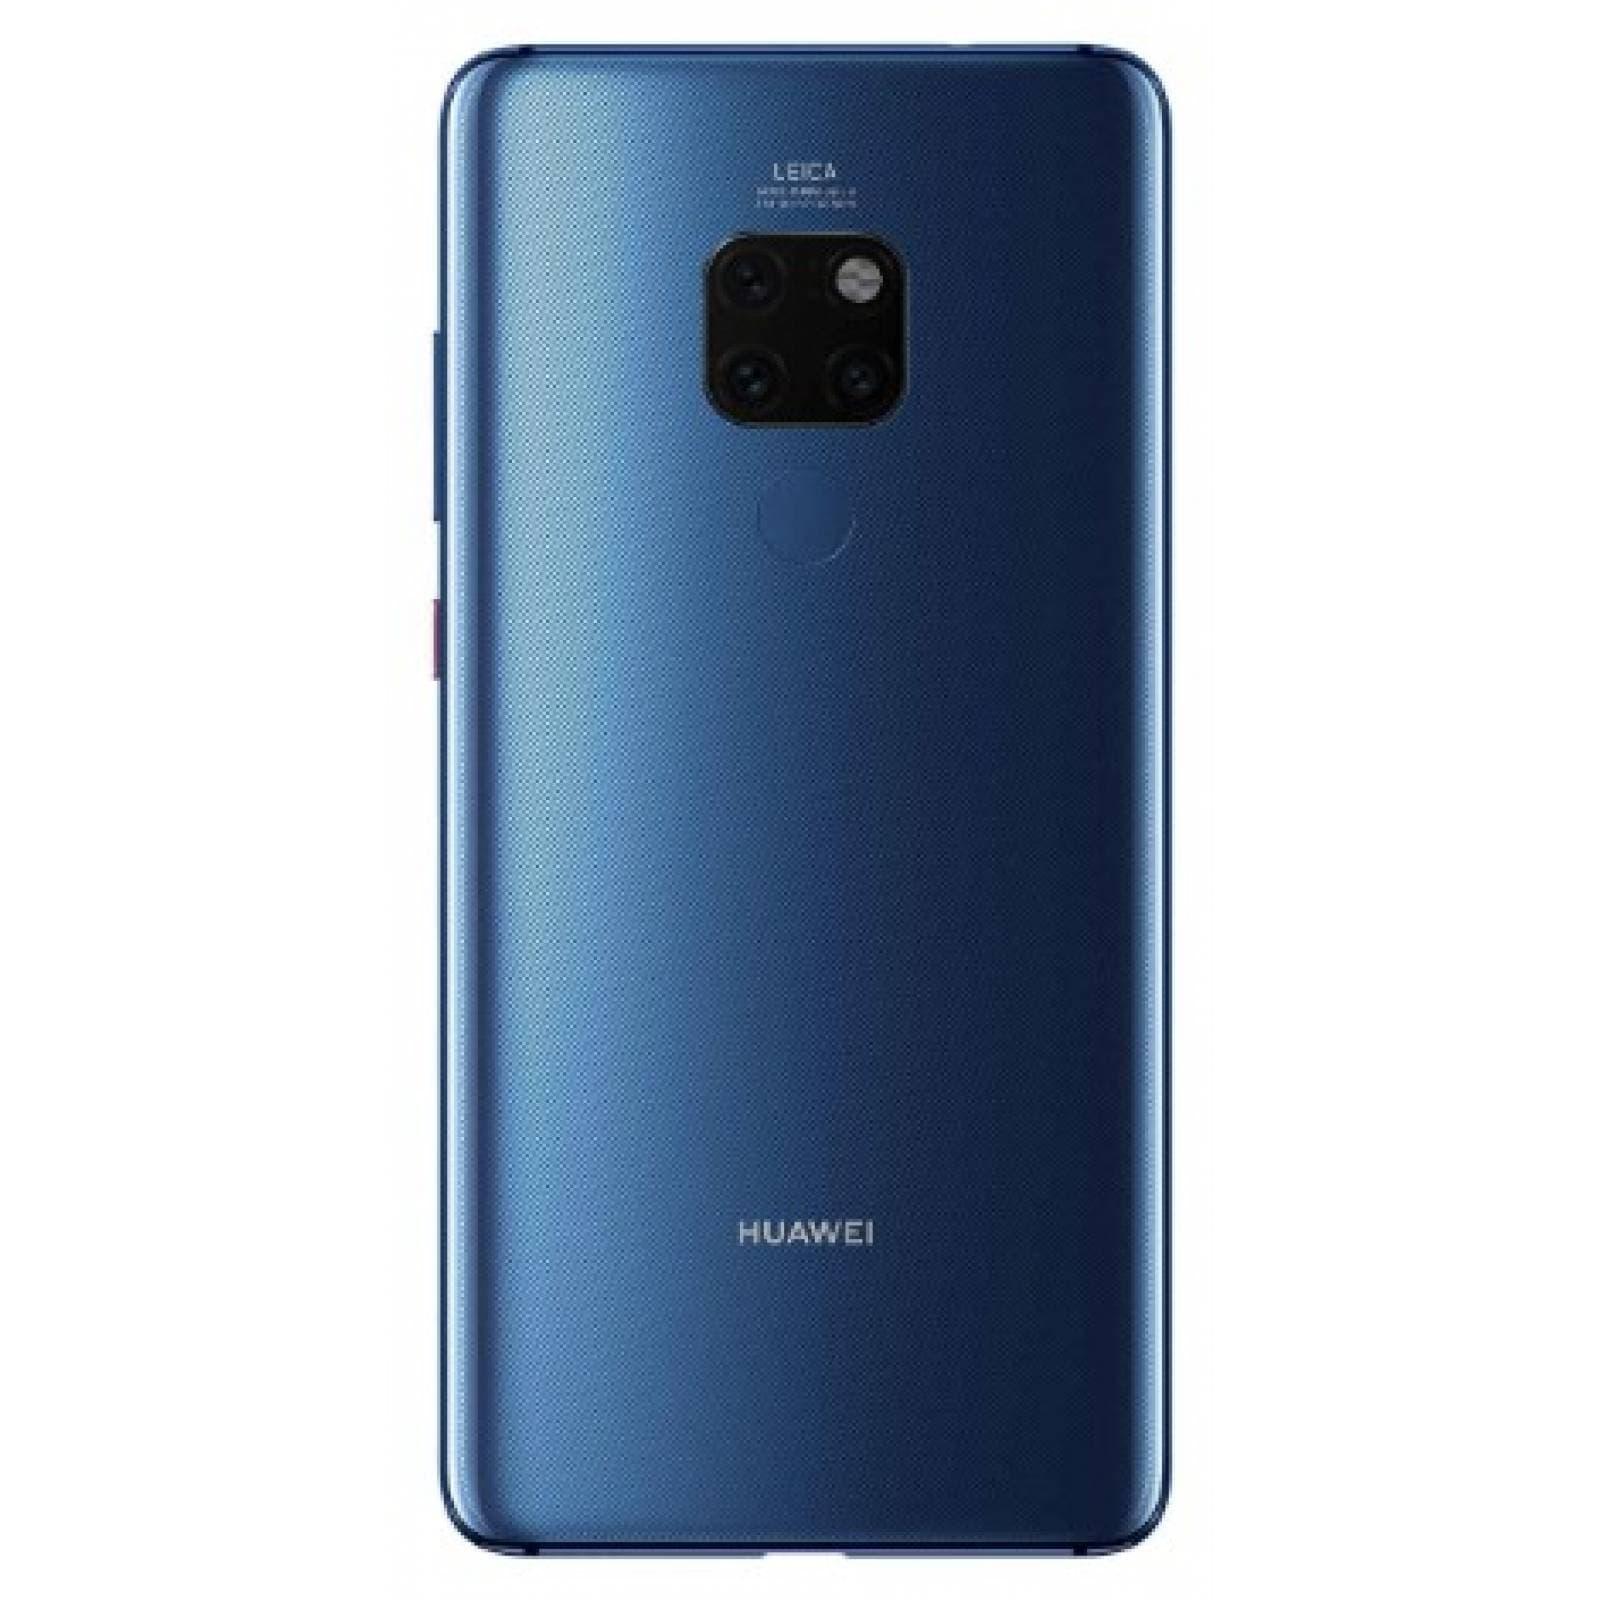 Celular HUAWEI LTE HMA-L09 MATE 20 Color AZUL Telcel